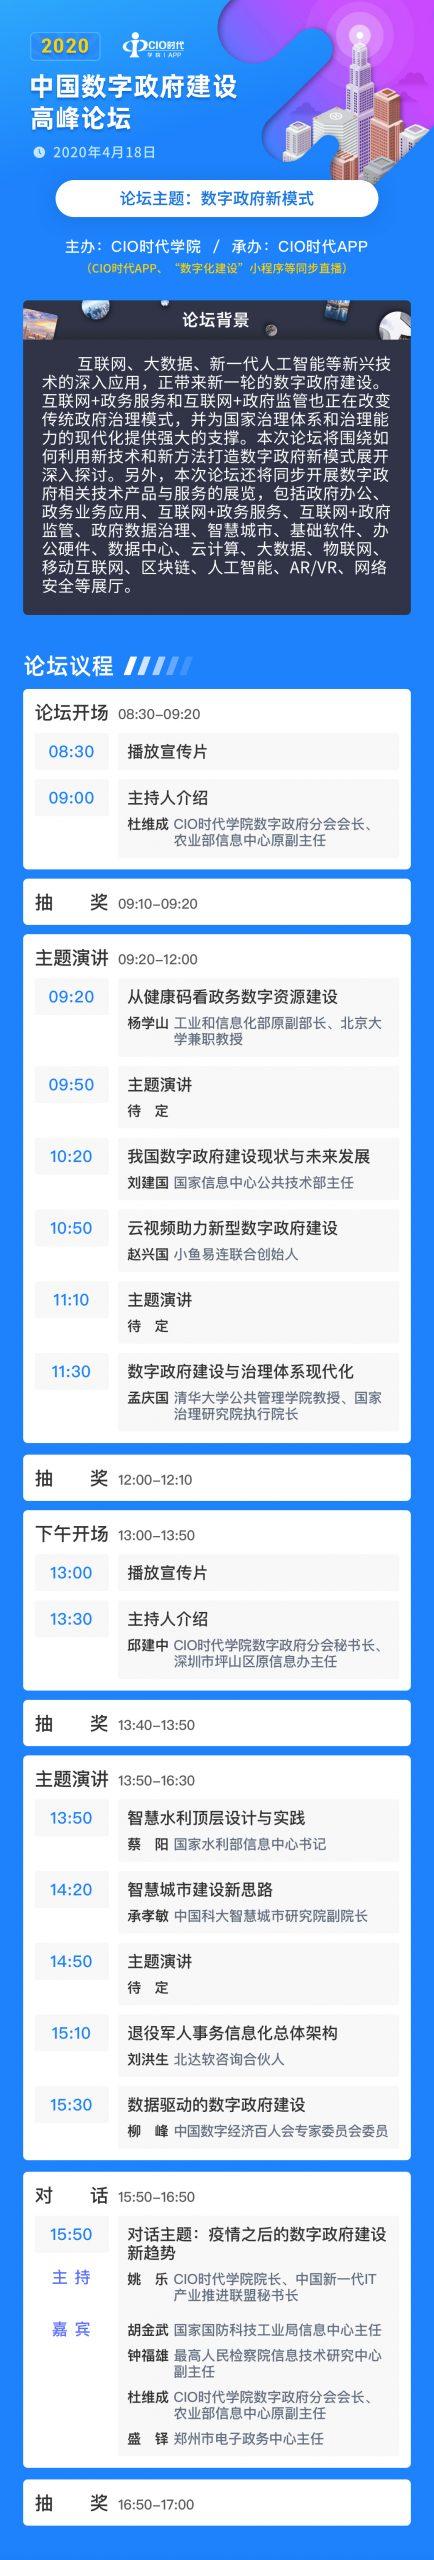 2020中国数字政府建设高峰论坛最新议程表正式发布